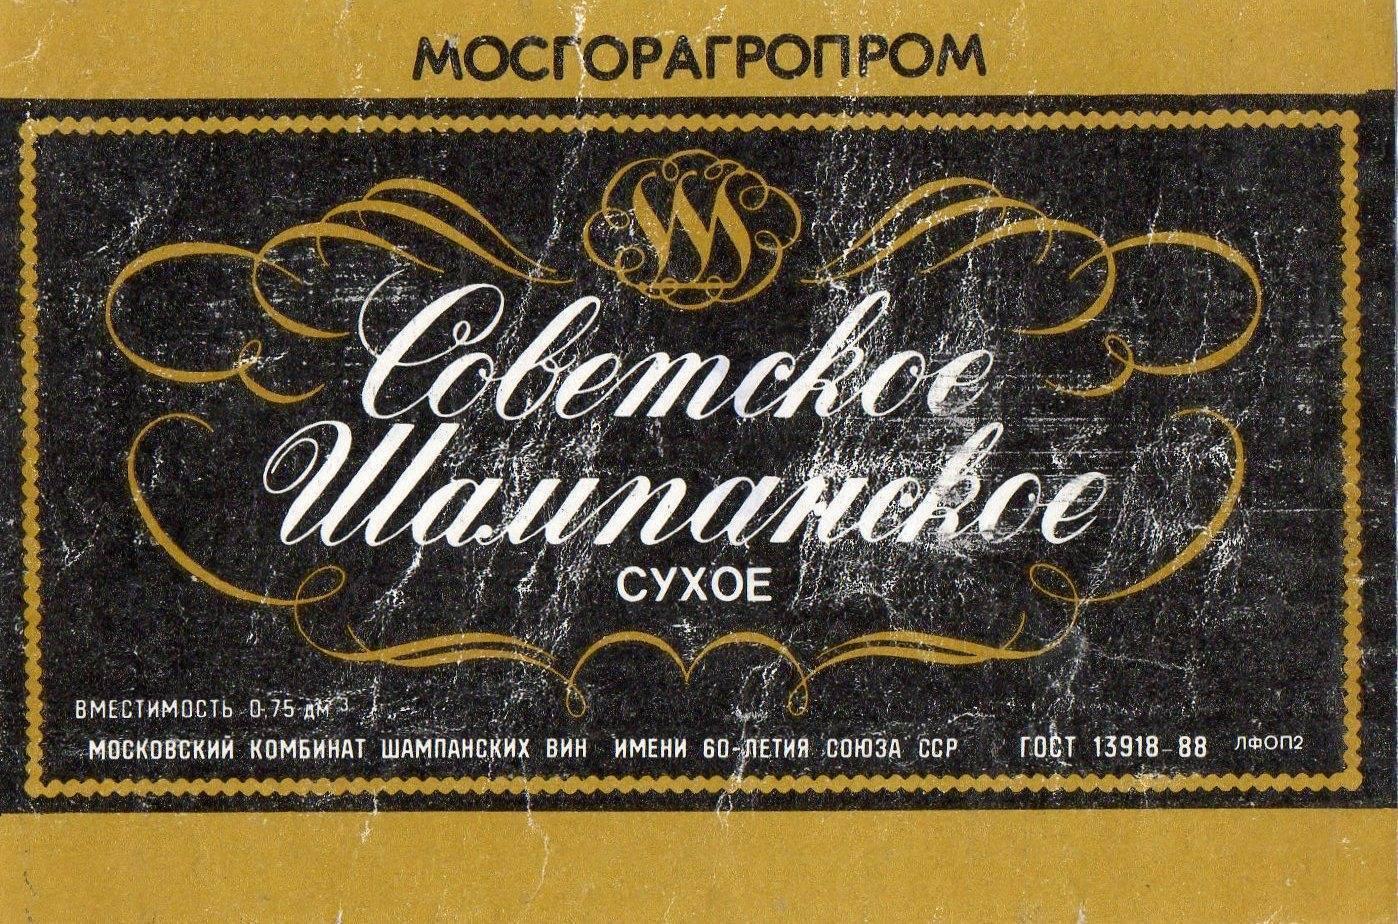 Почему советсткое шампанское — это не настоящее шампанское